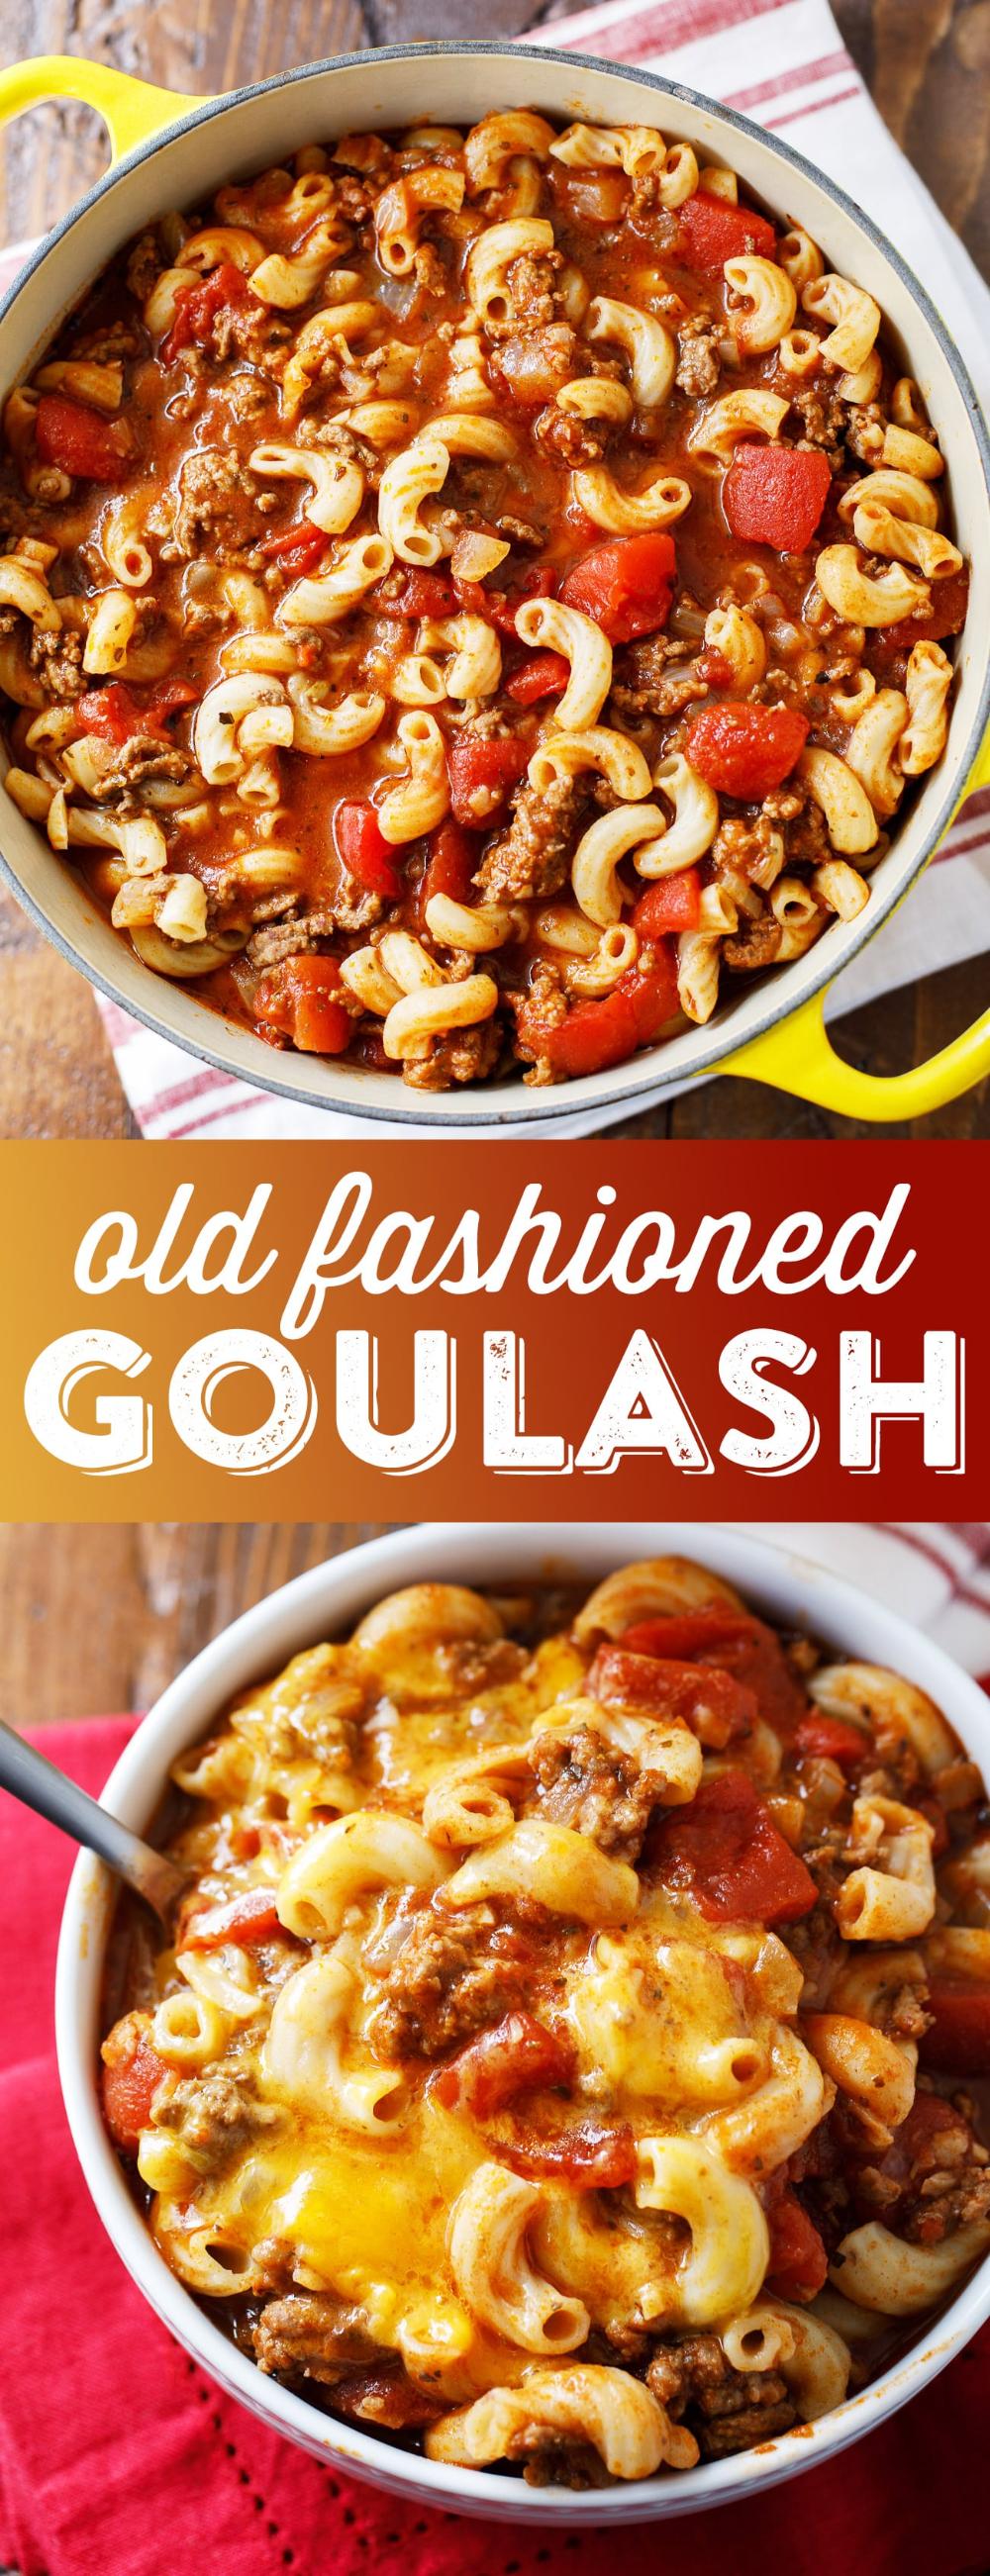 Old Fashioned Goulash Recipe - Johnny Marzetti Recipe